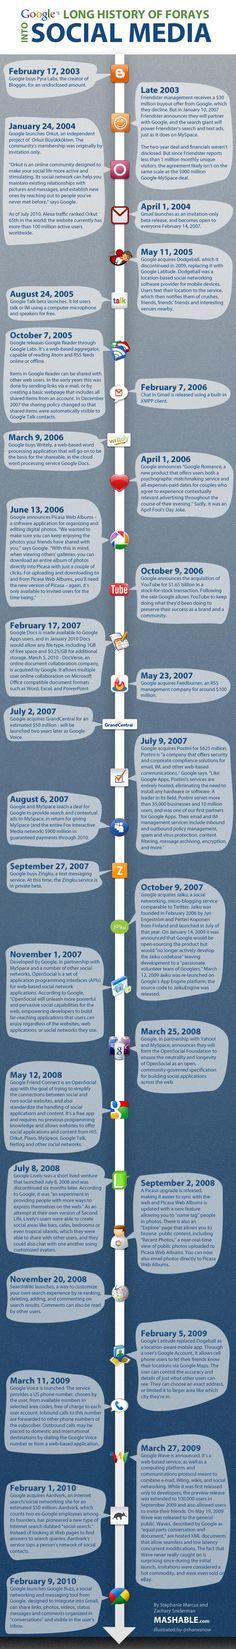 Google's Long History of Social Media Attempts